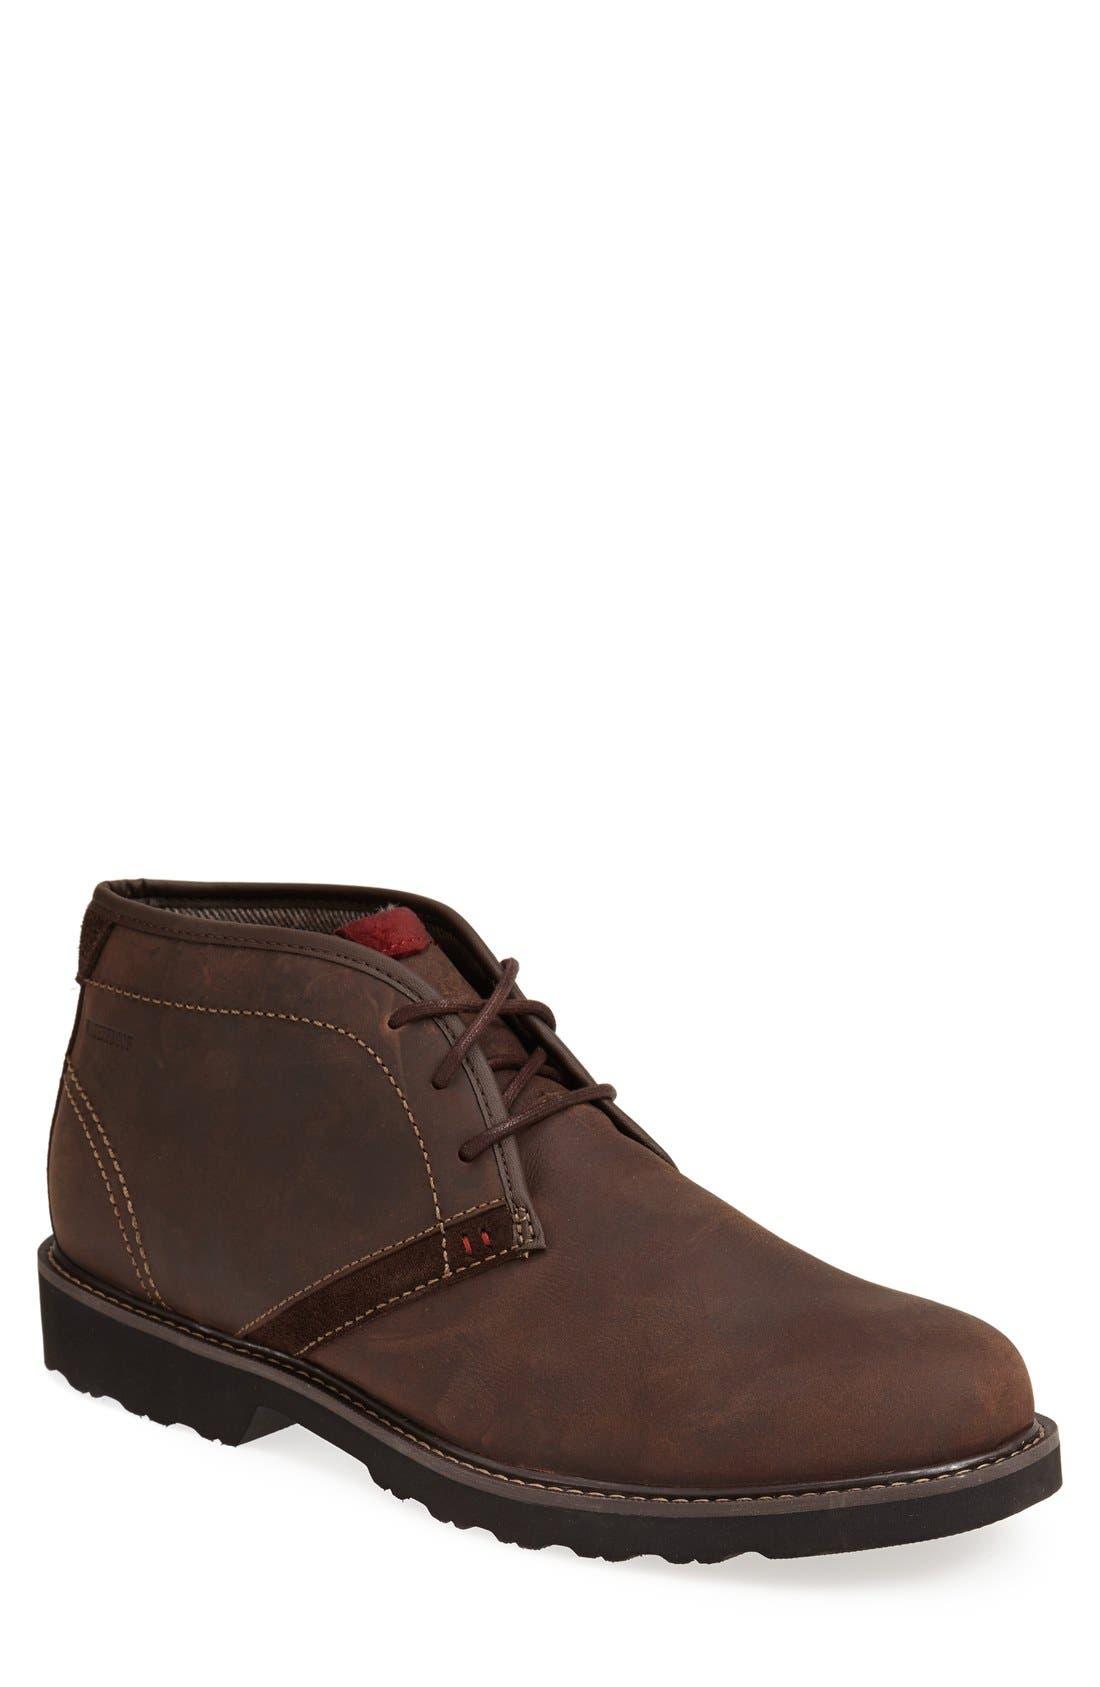 'REVdash' Chukka Boot,                             Main thumbnail 1, color,                             Brown